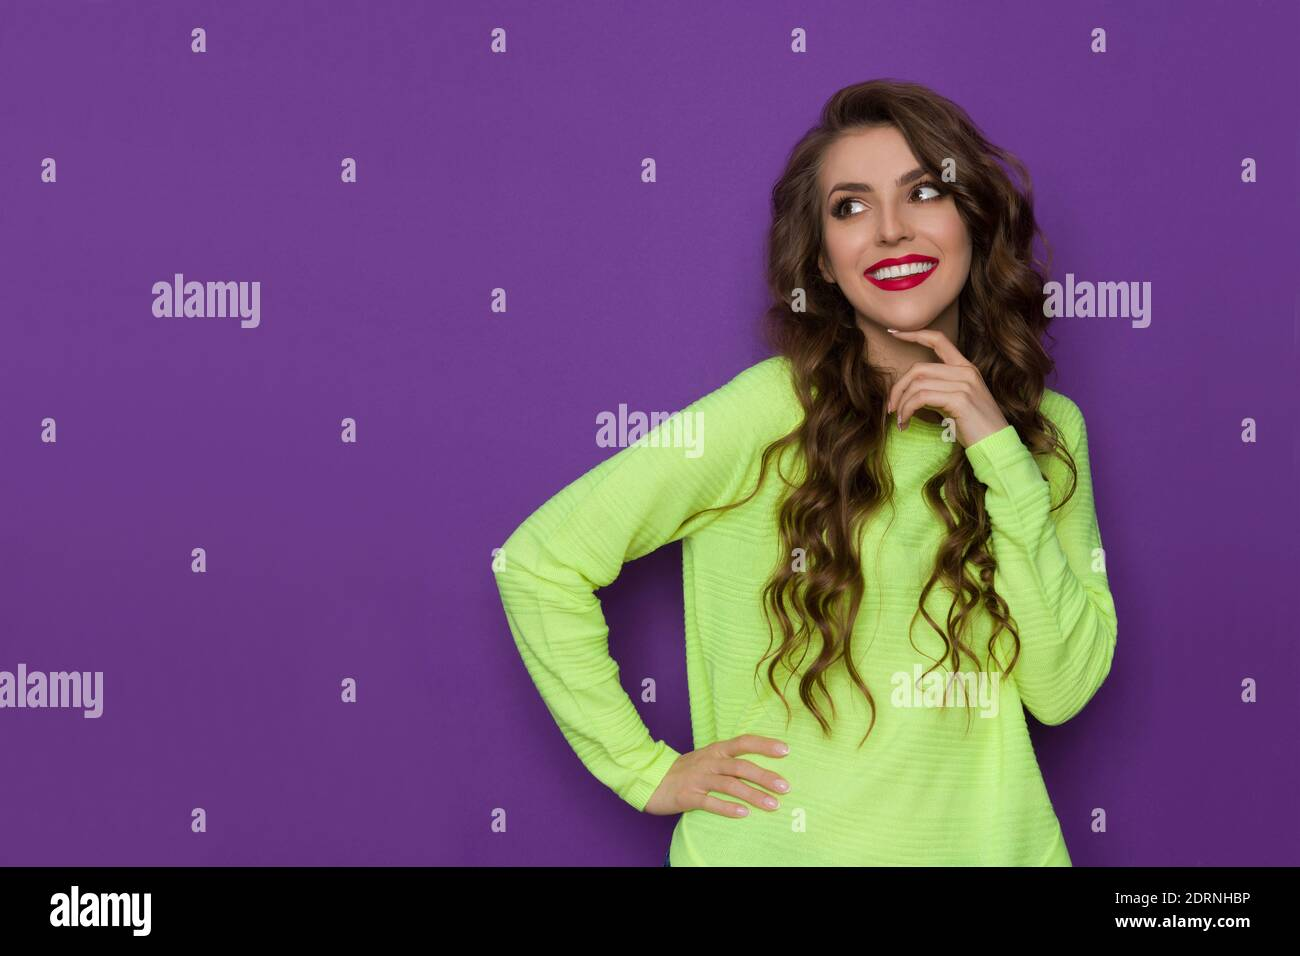 Une jeune femme heureuse dans un chandail vert citron vert fluo tient la main sur le menton, regardant le côté et souriant. Taille haute, prise en studio sur fond violet. Banque D'Images